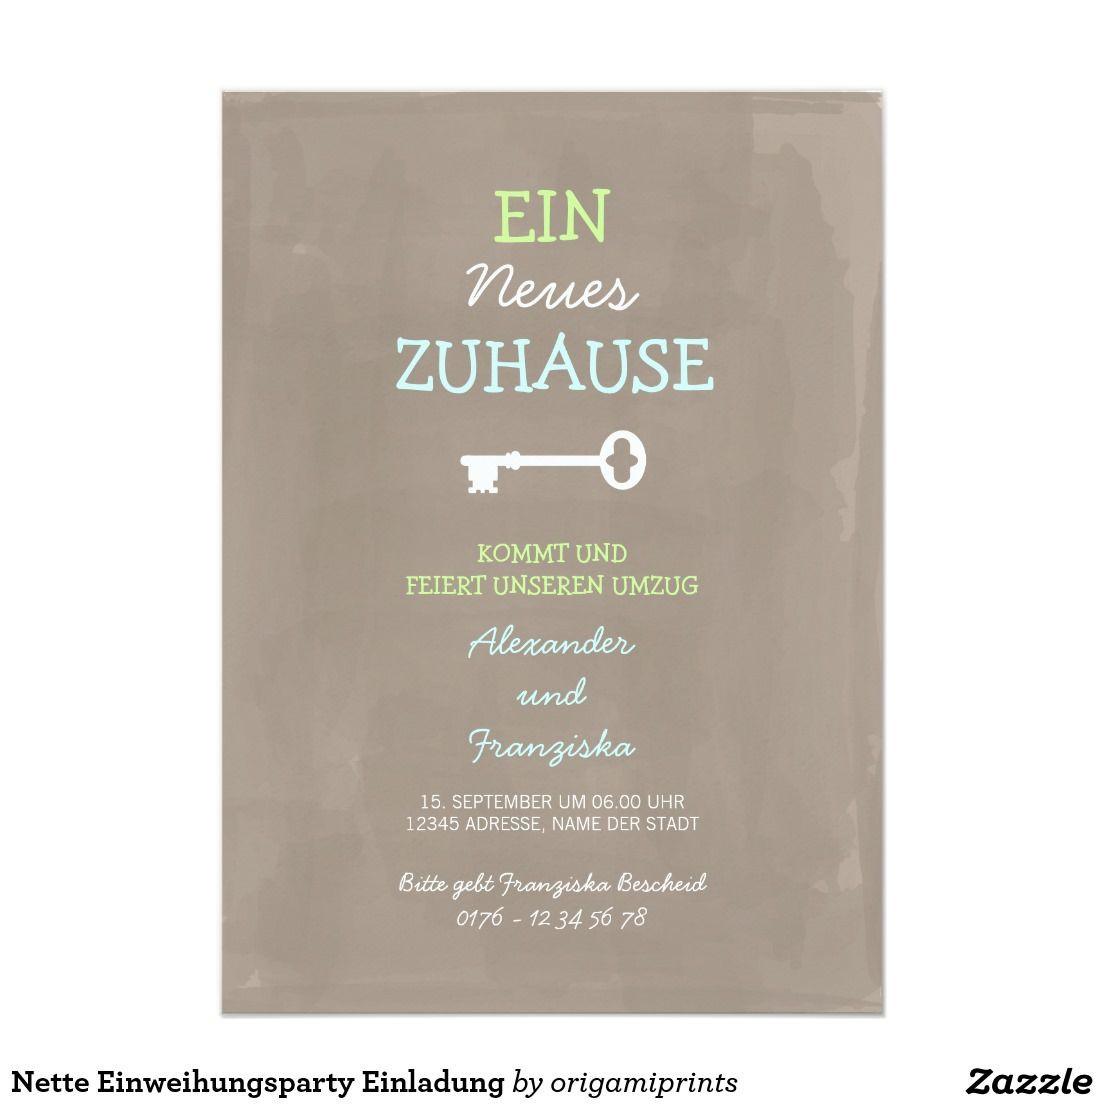 Spruch Einzug Haus  Nette Einweihungsparty Einladung Zazzle